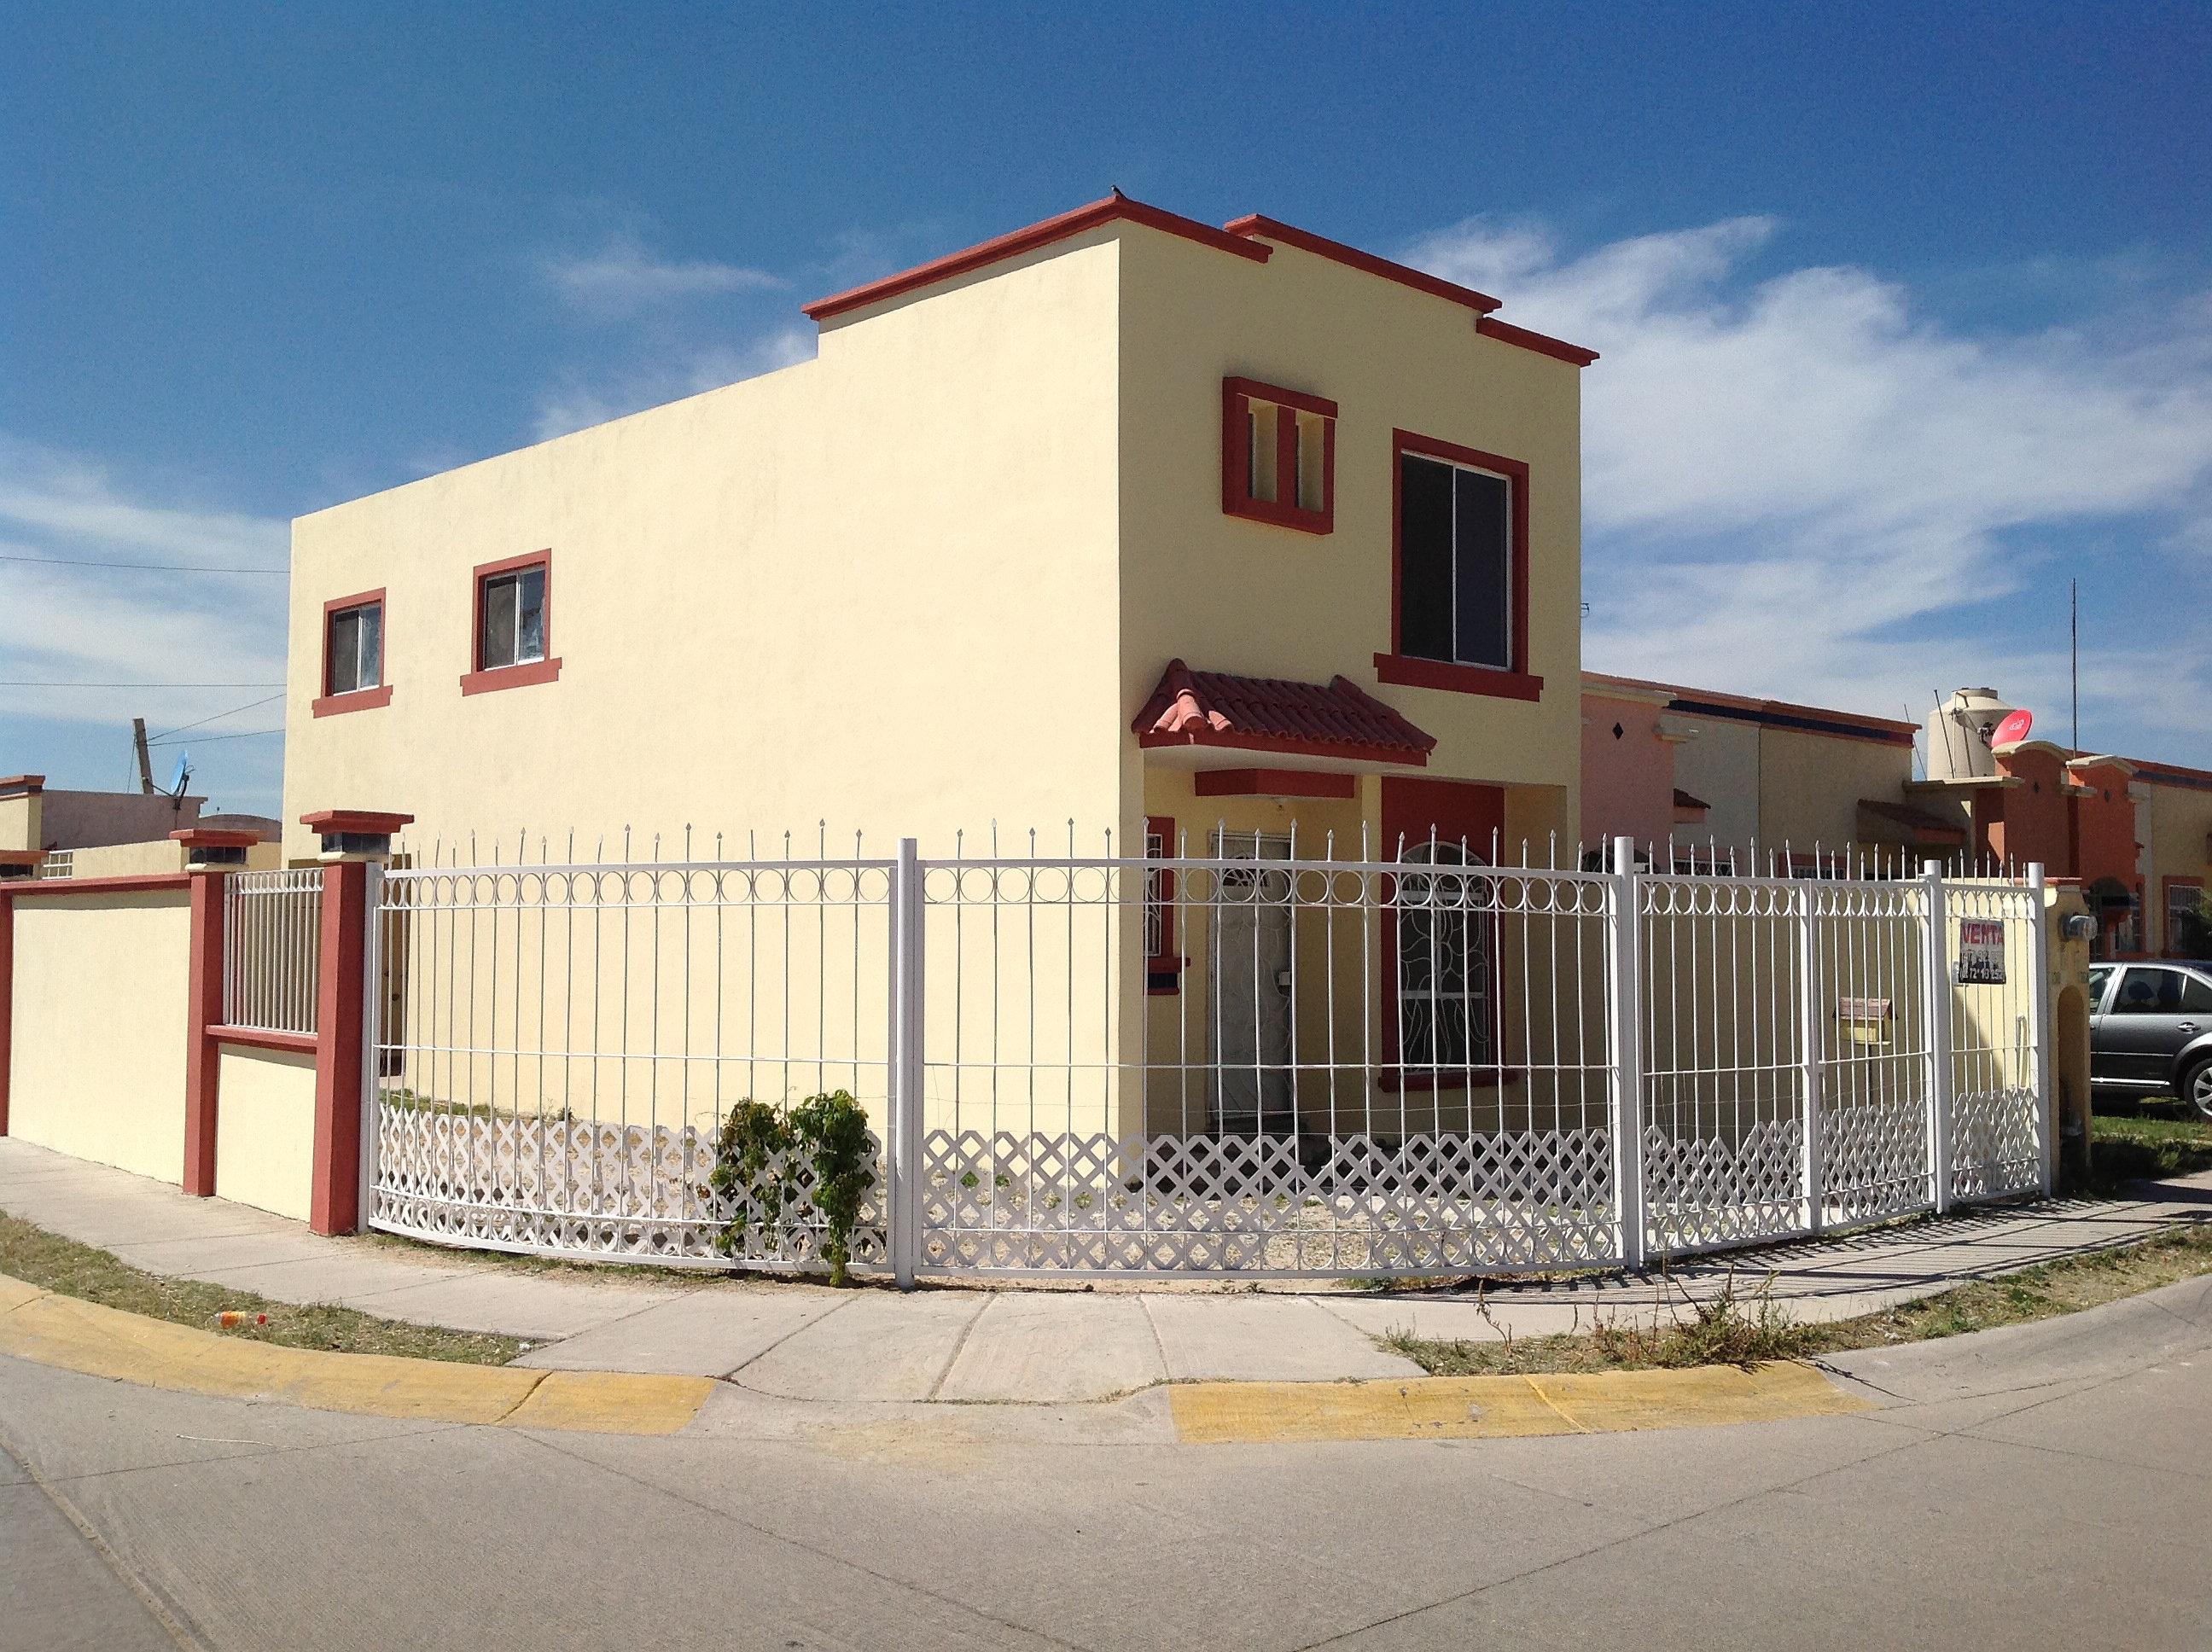 Mi casa ideal inmobiliaria leon gto mexico renta casa for Casas en renta en gran jardin leon gto